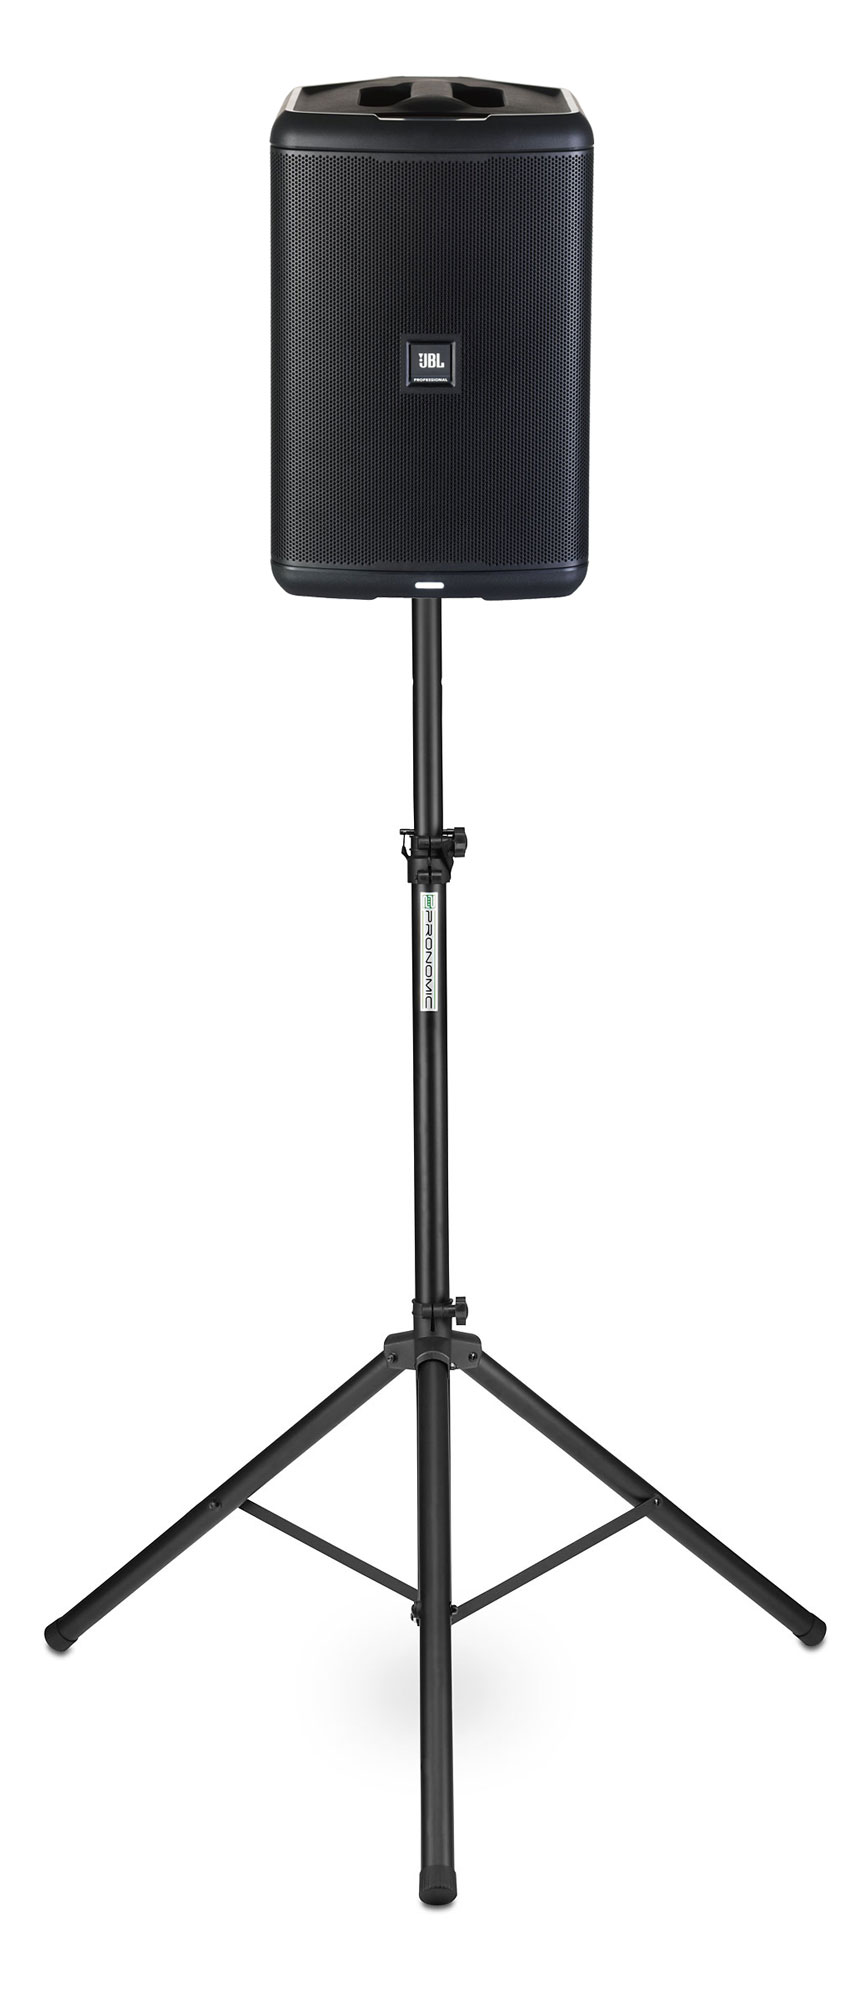 Boxenkomplettanlagen - JBL EON One Compact Set inkl. Stativ - Onlineshop Musikhaus Kirstein